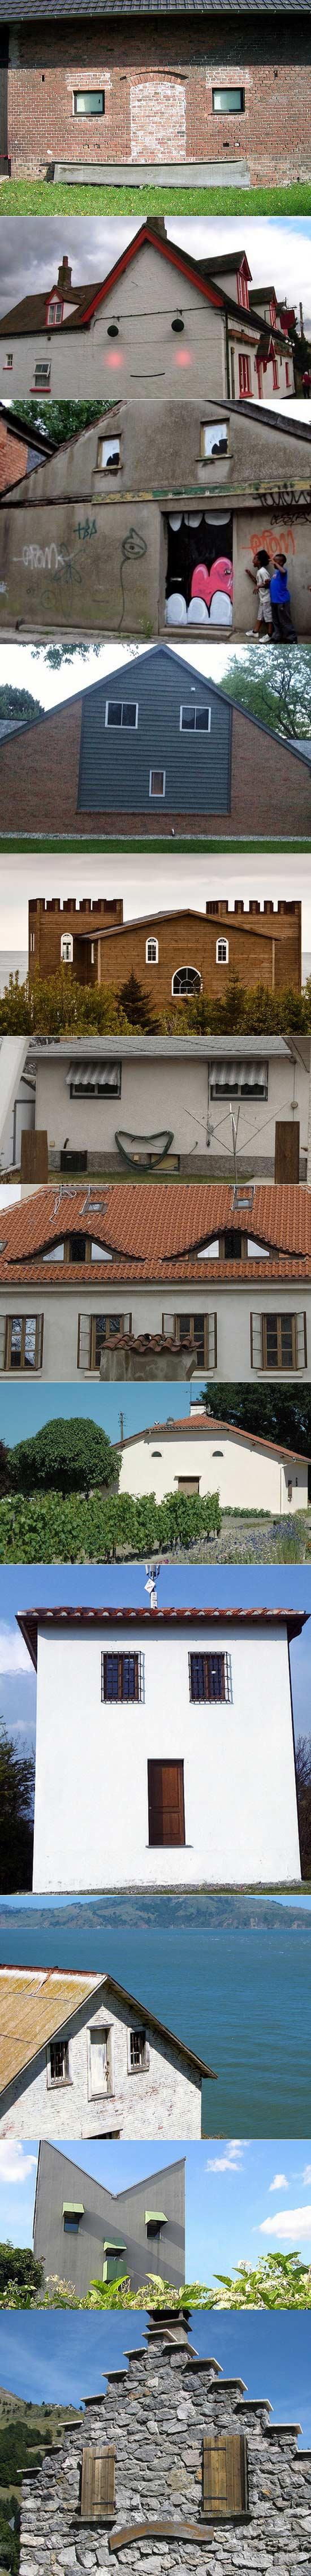 房子的表情